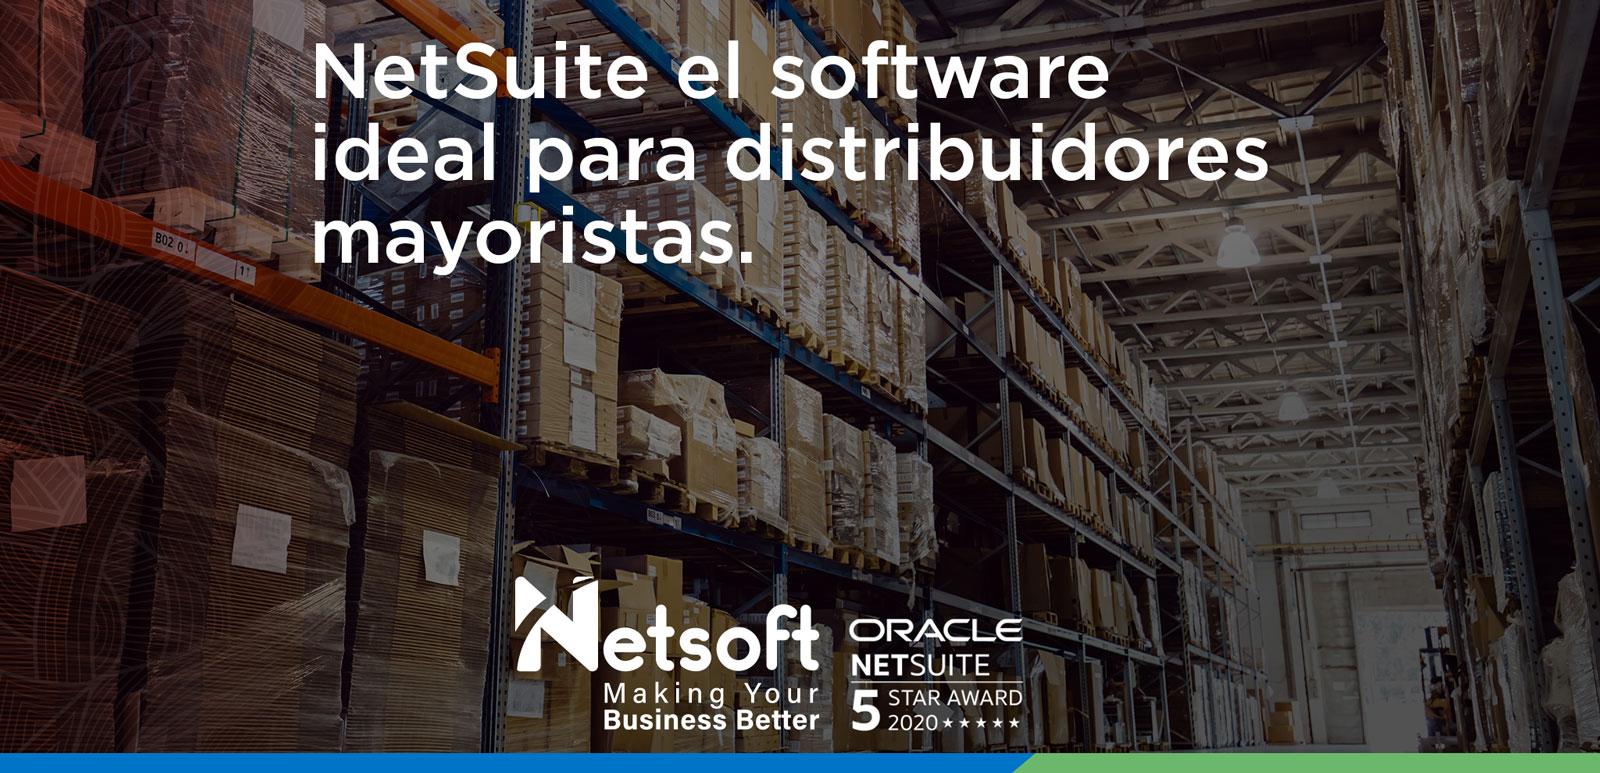 NetSuite el software para distribuidores mayoristas